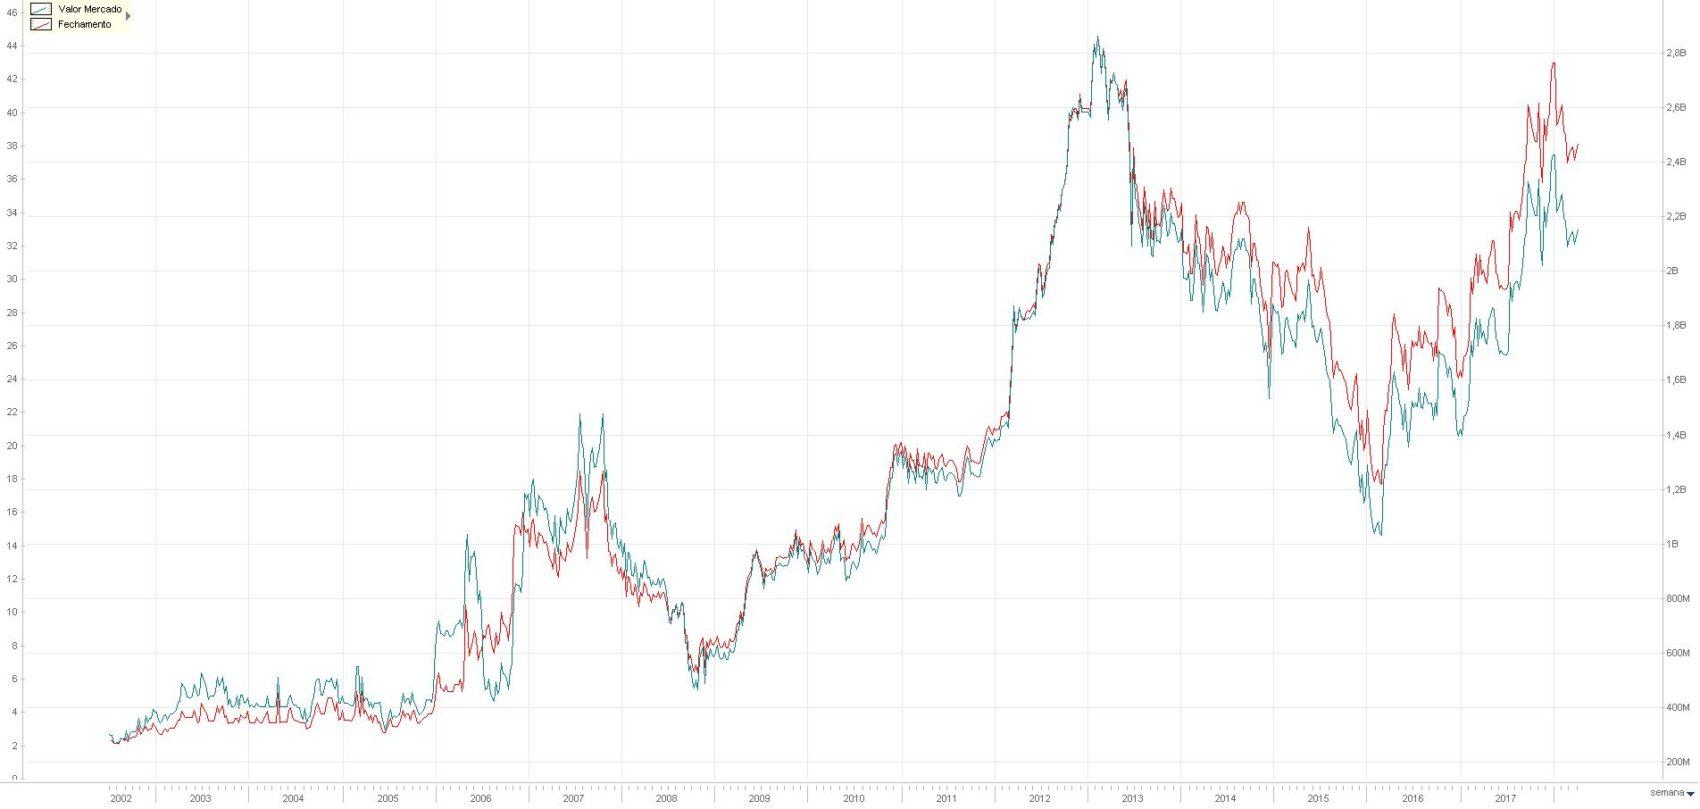 Valor de Mercado (azul) e Cotacao (vermelho) da Sao carlos - Economatica